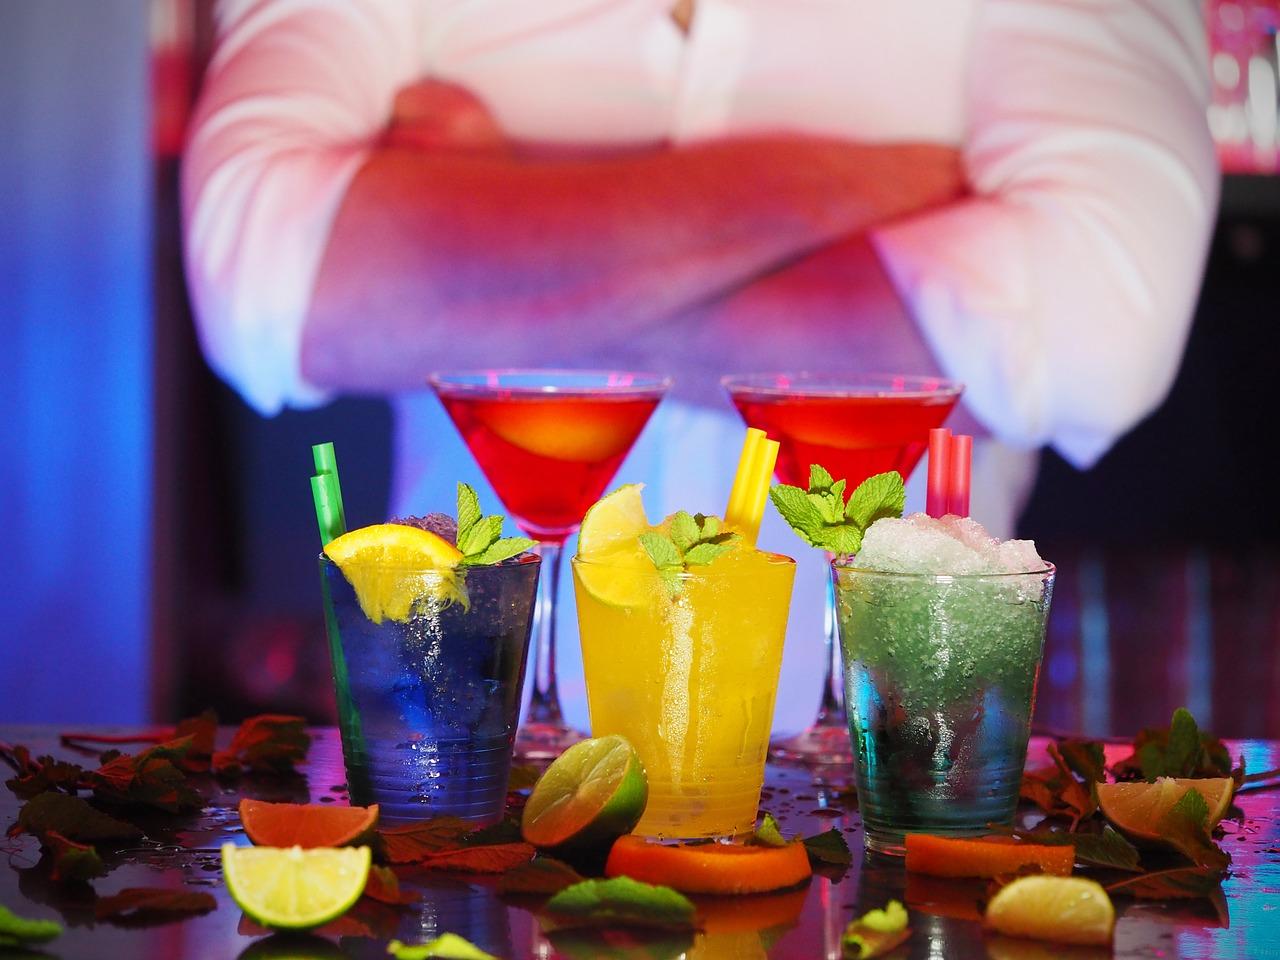 Bebidas na bancada do bar